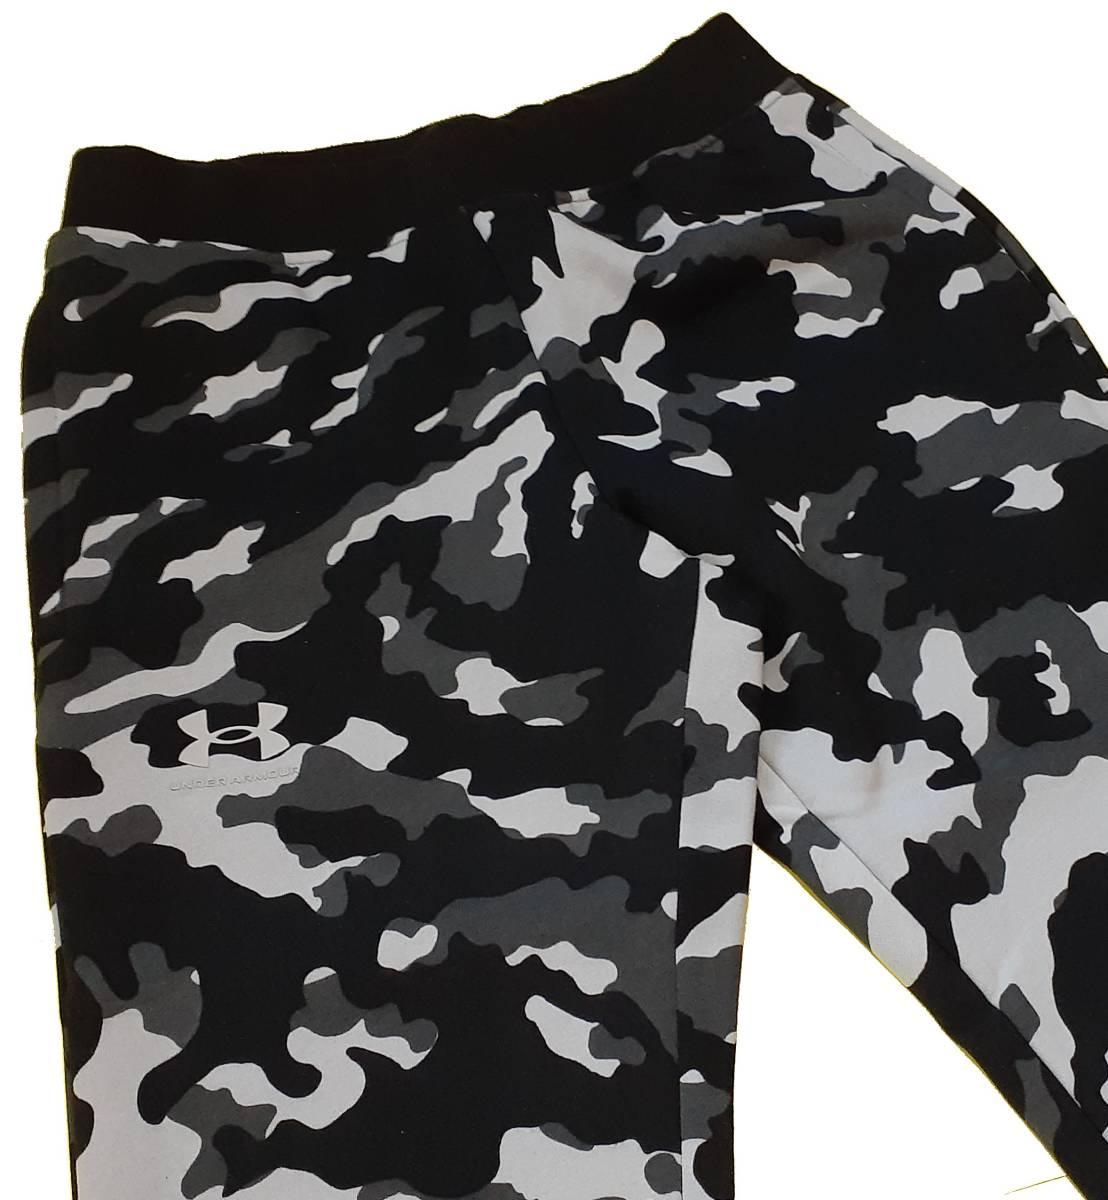 UA アンダーアーマー カモ ライバルフリース パーカー フーディー ジャケット+ ジョガー パンツ 上下セット/メンズ/新品/XL_画像5